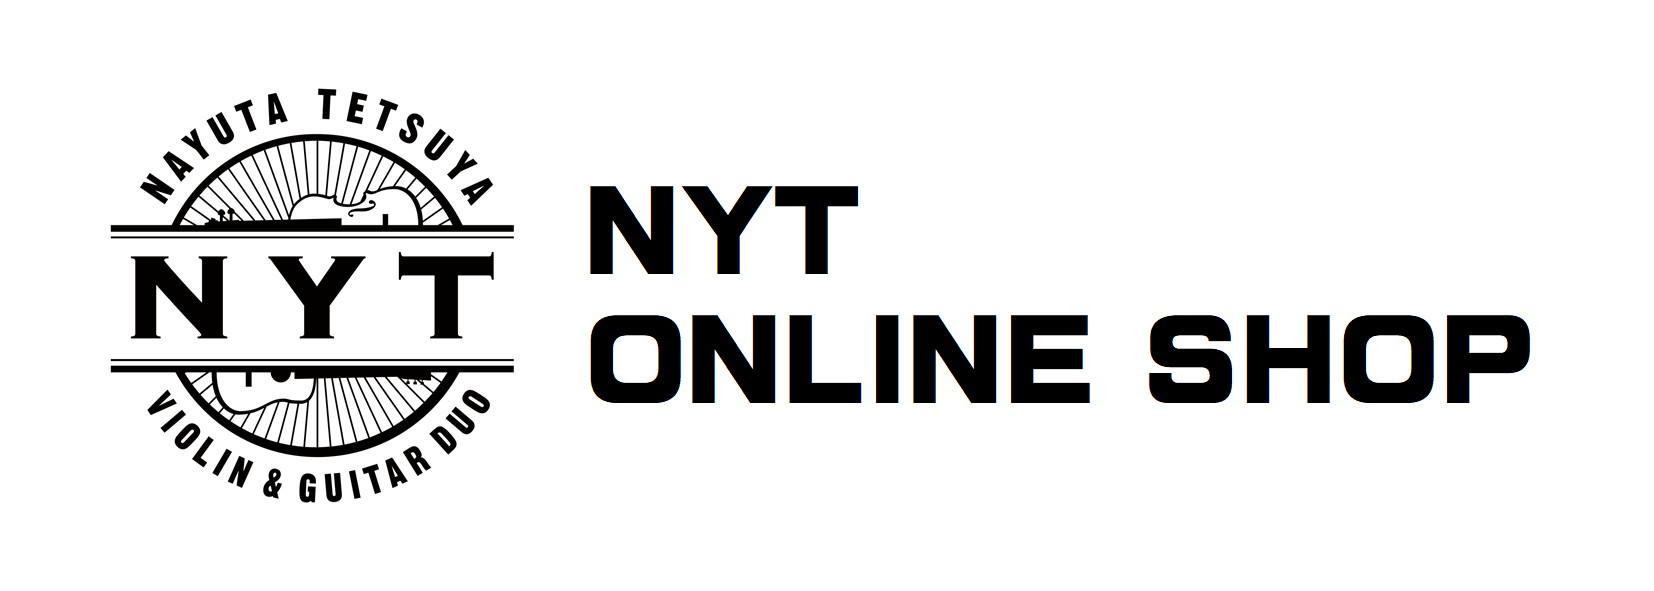 NYT ONLINE SHOP